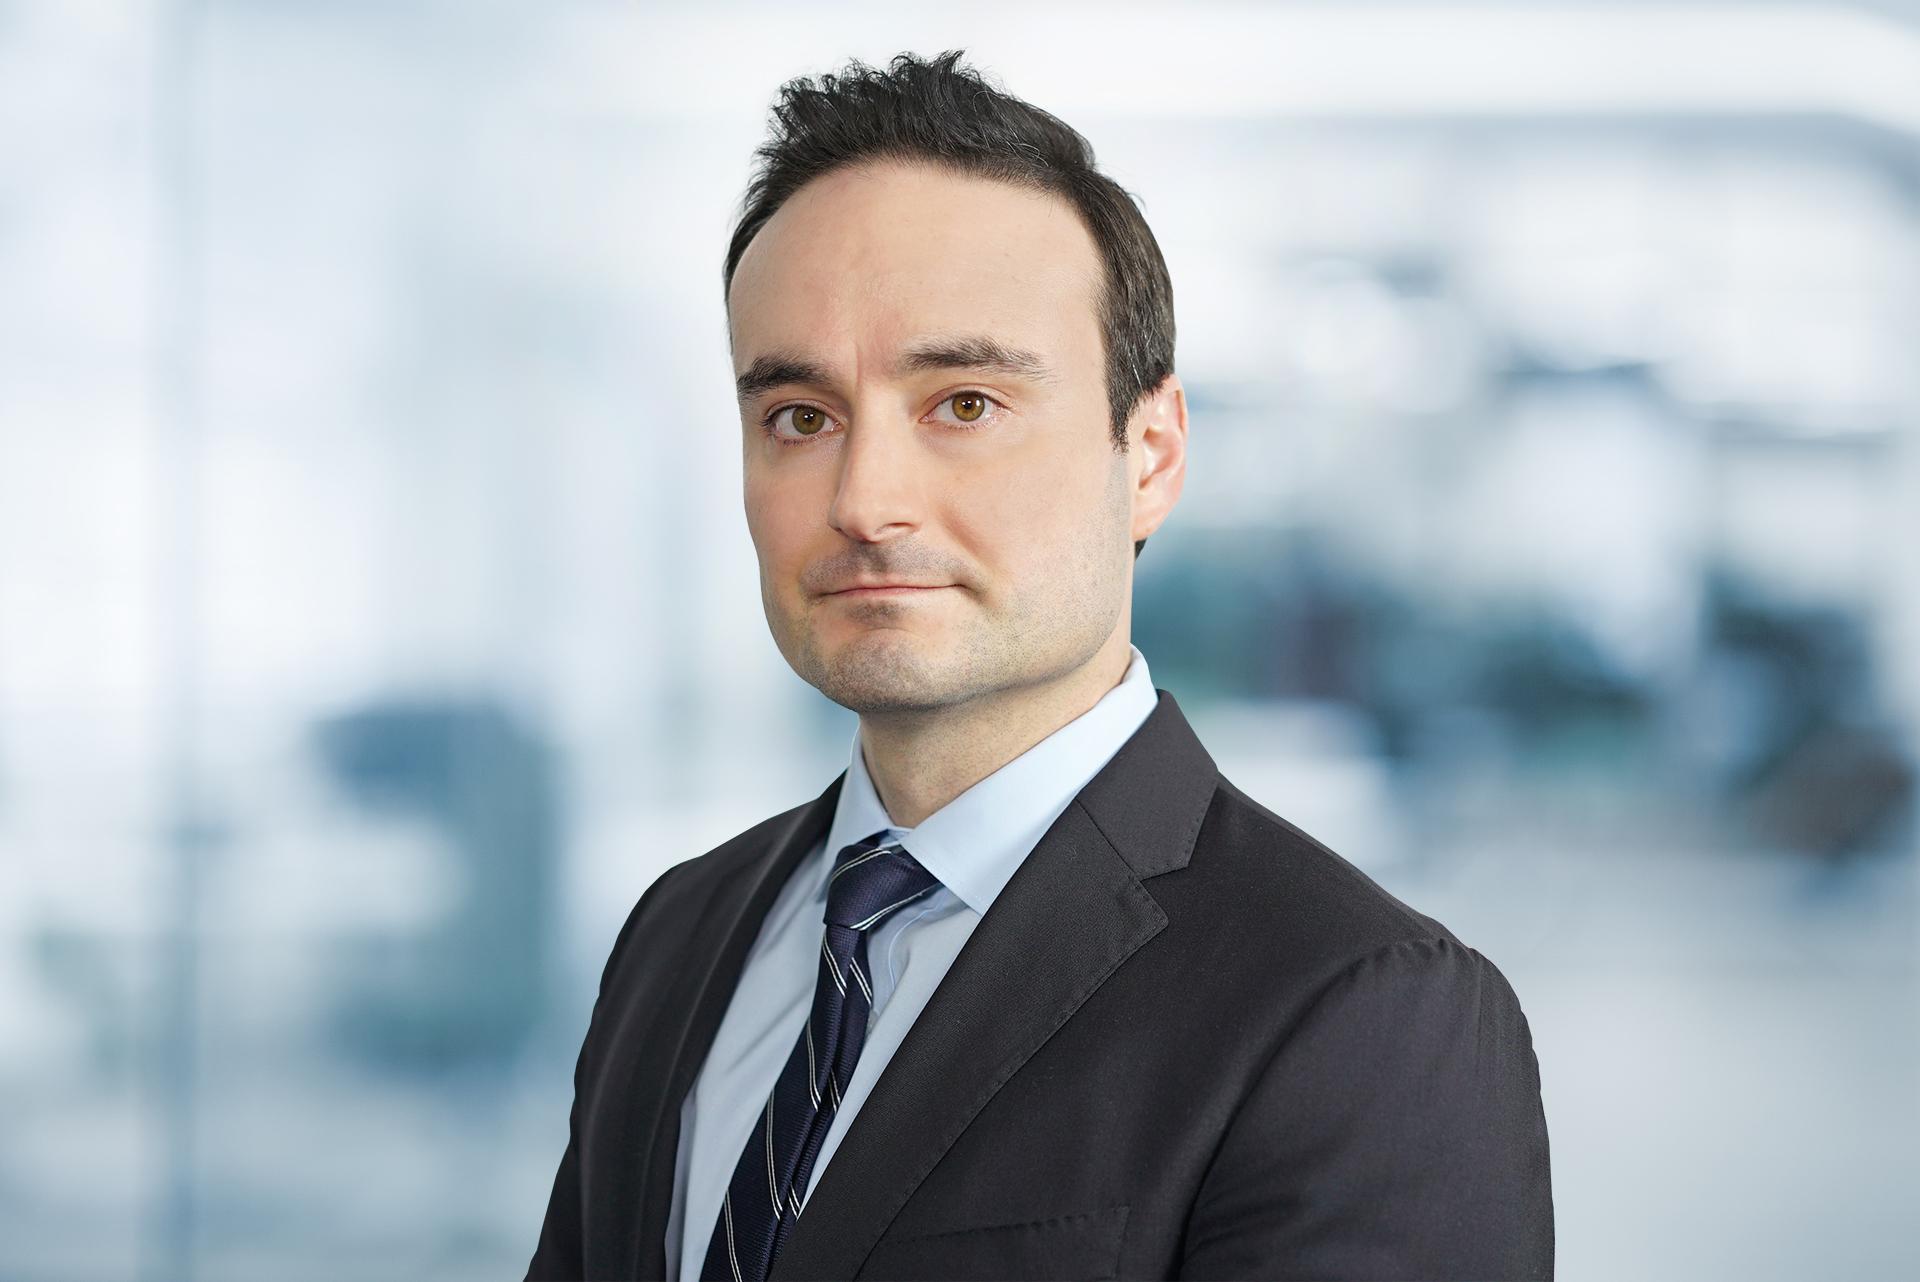 Headshot photo of Pedro Alvarez-Urena